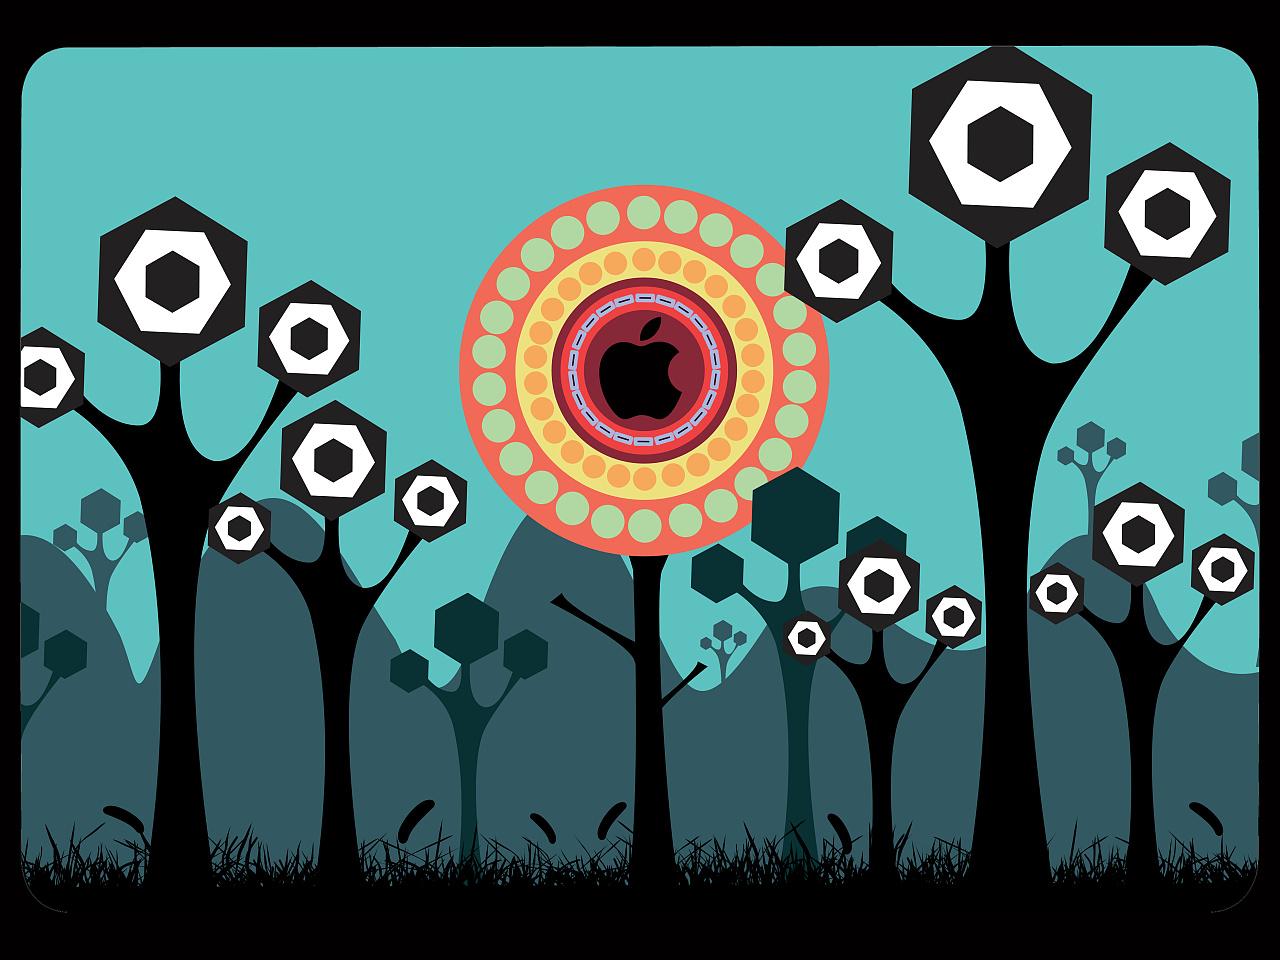 创意皮肤设计大赛(第一季)                          科幻树跟苹果图片